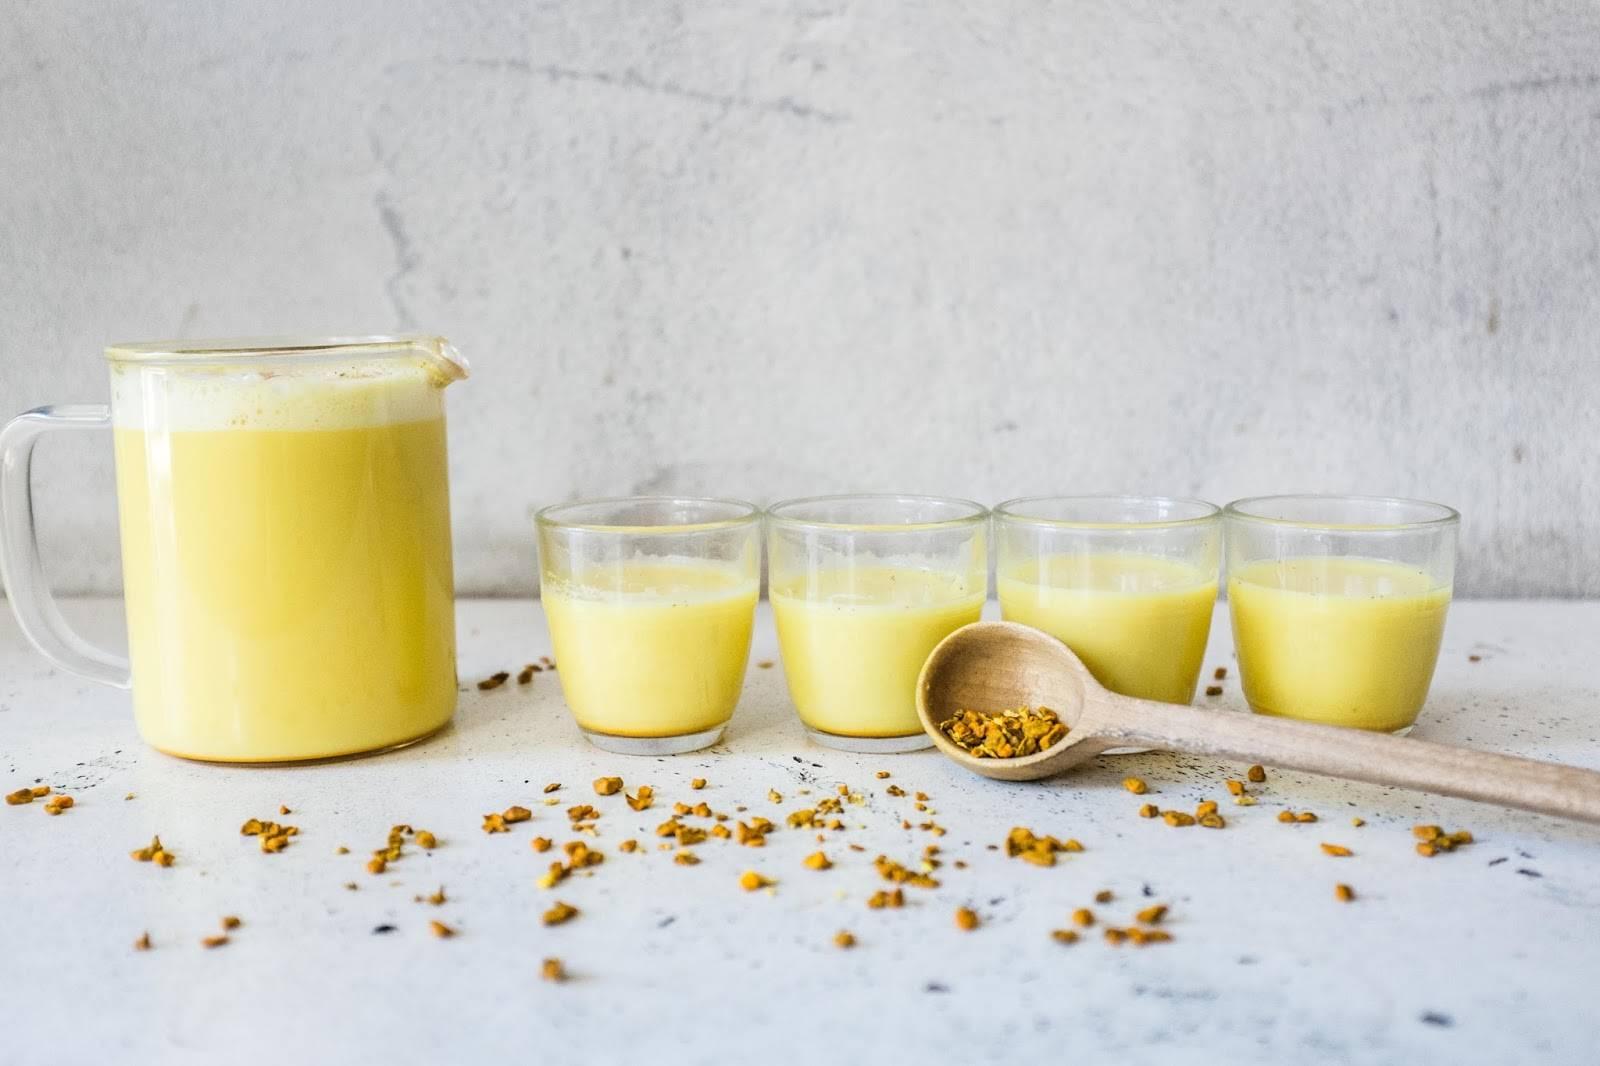 Целебное золотое молоко – готовим из куркумы прямо дома